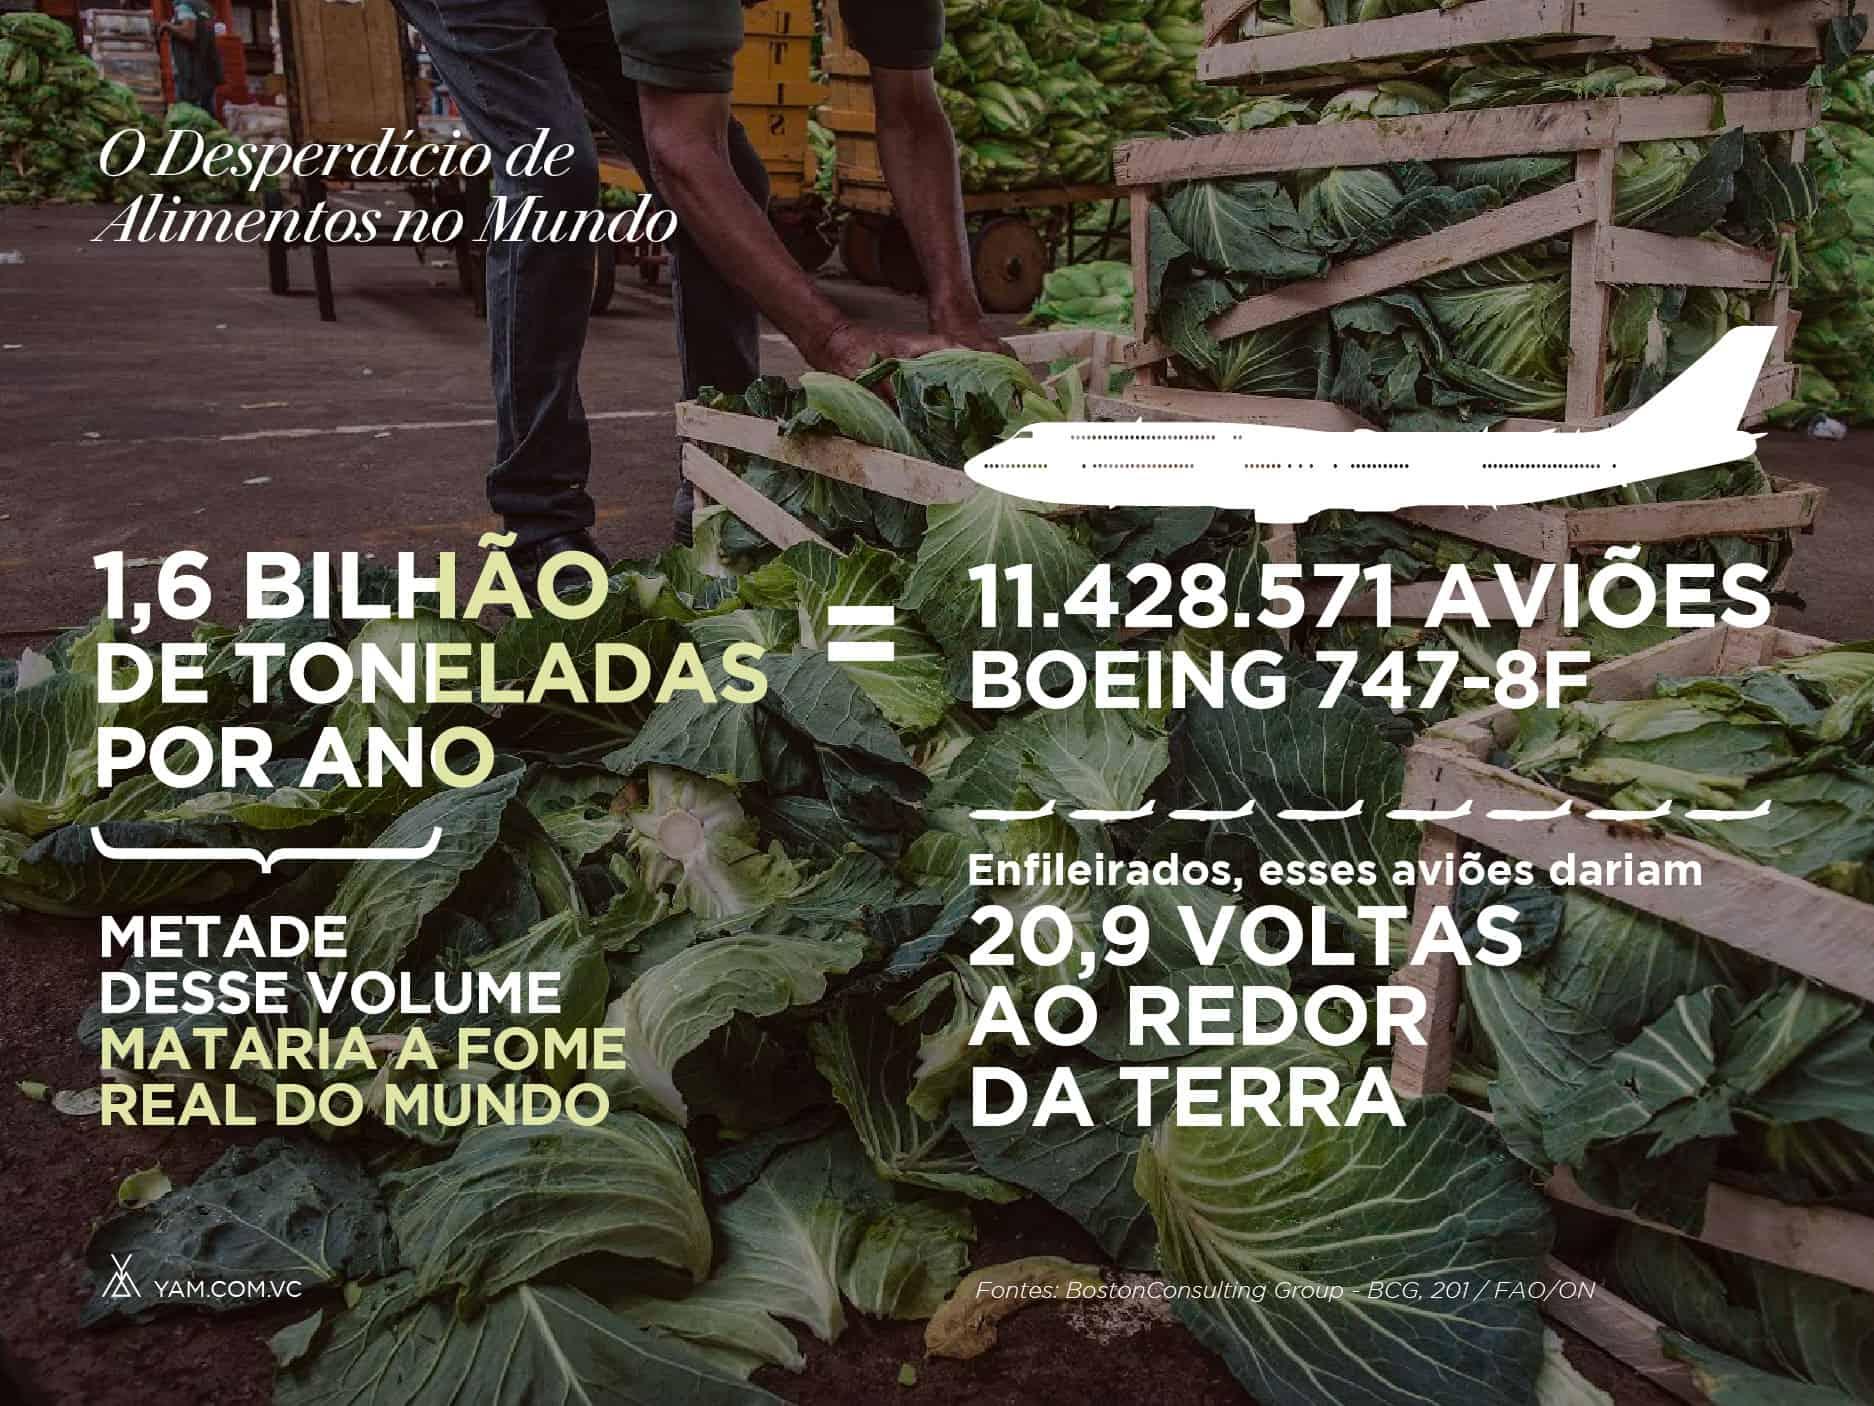 Números do desperdício de alimentos no mundo, comida poderia alimentar o mundo